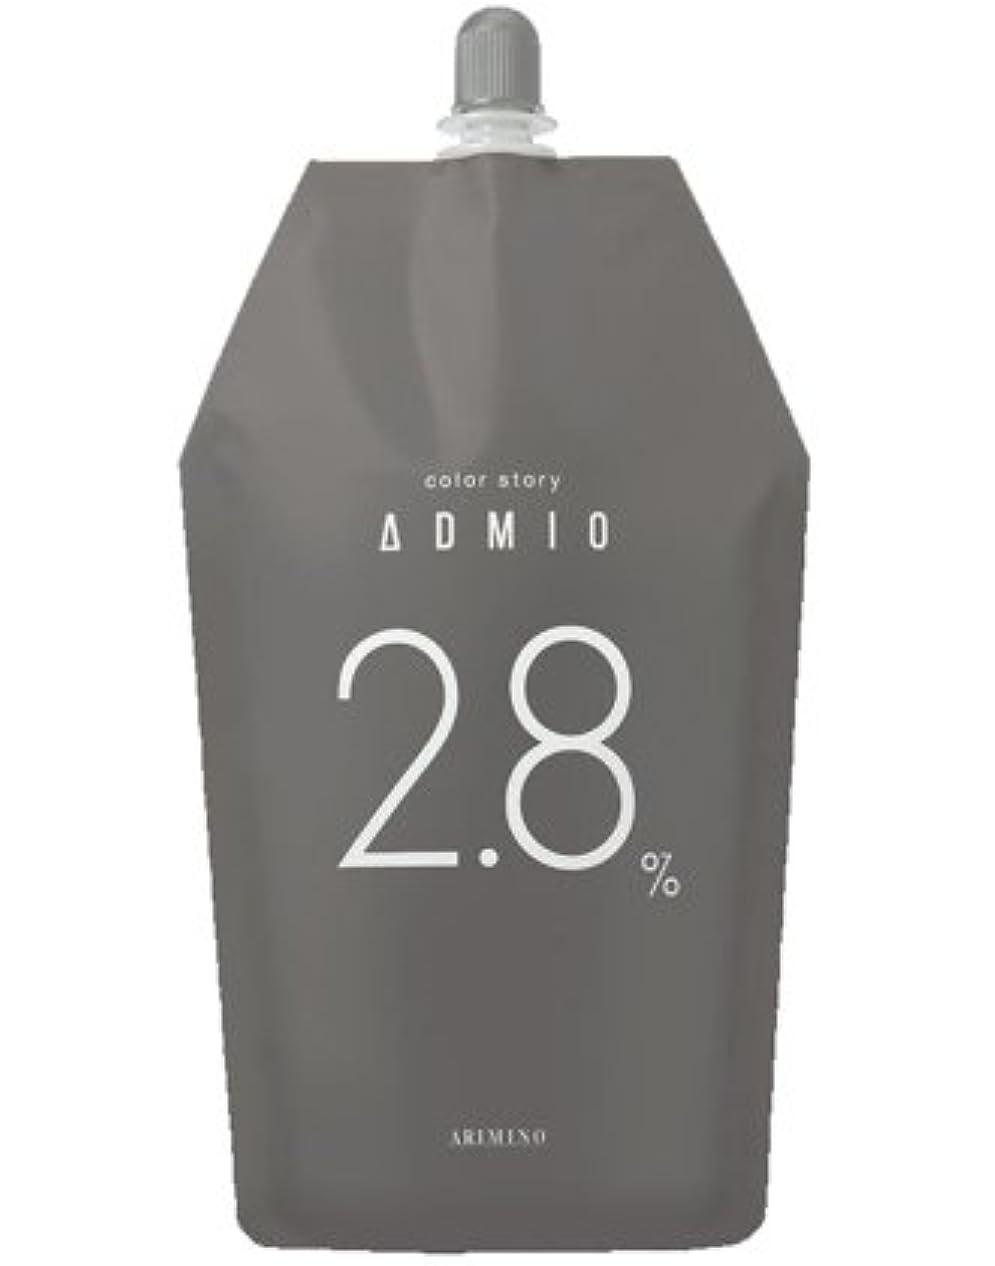 結婚連続的除外する【アリミノ】カラーストーリー アドミオ OX 2.8% 1000ml